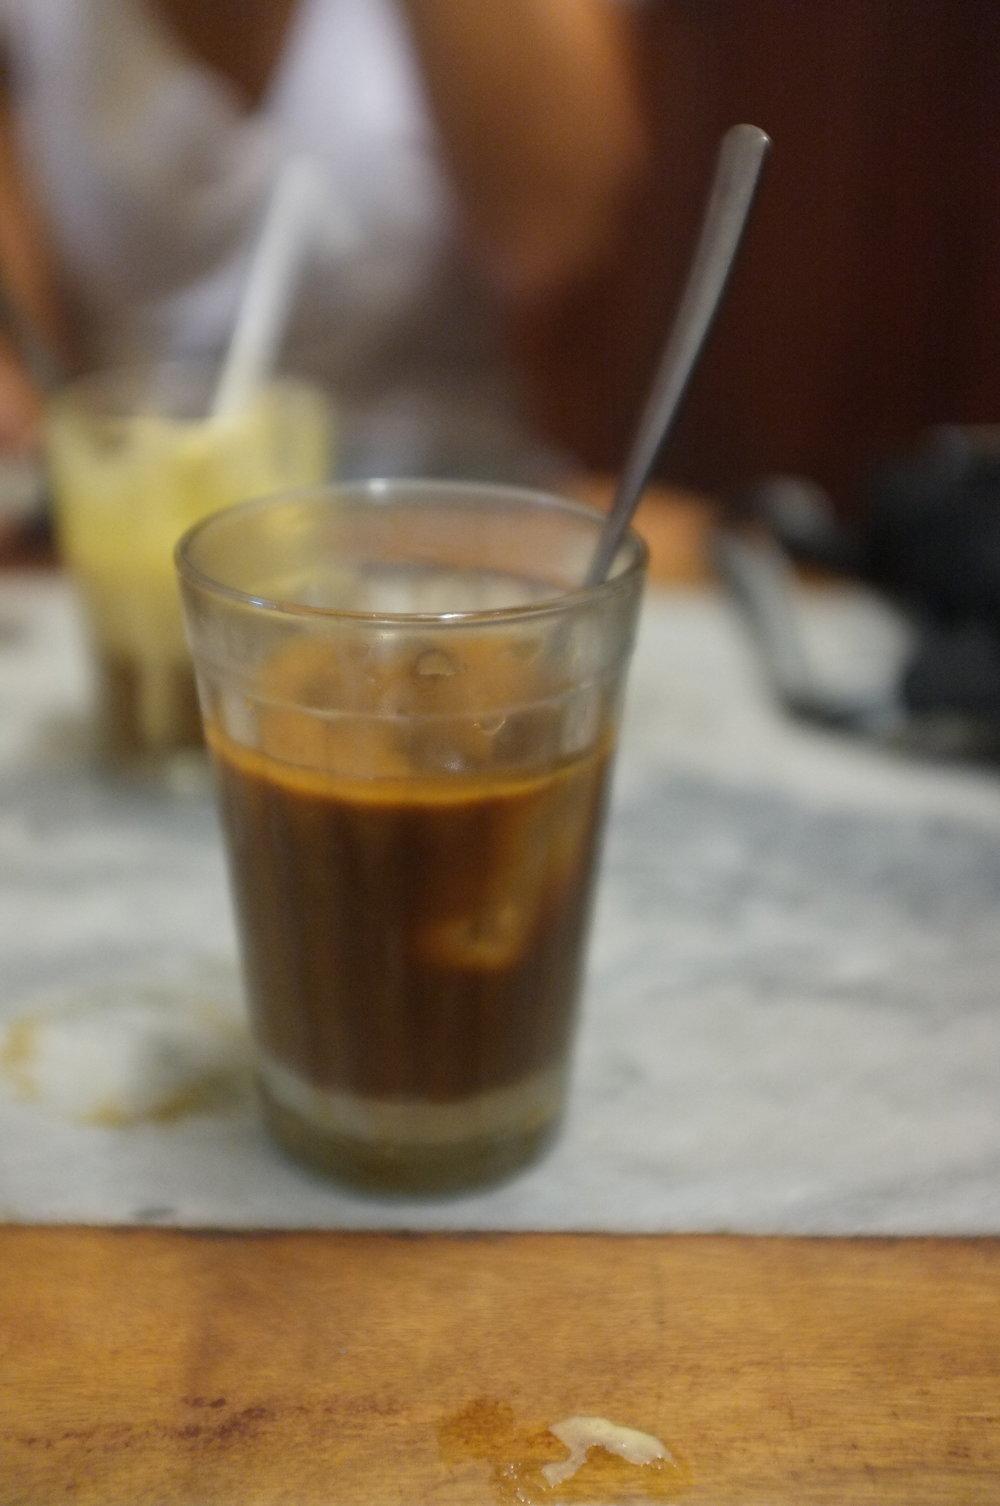 Vietnamese coffee is amazing